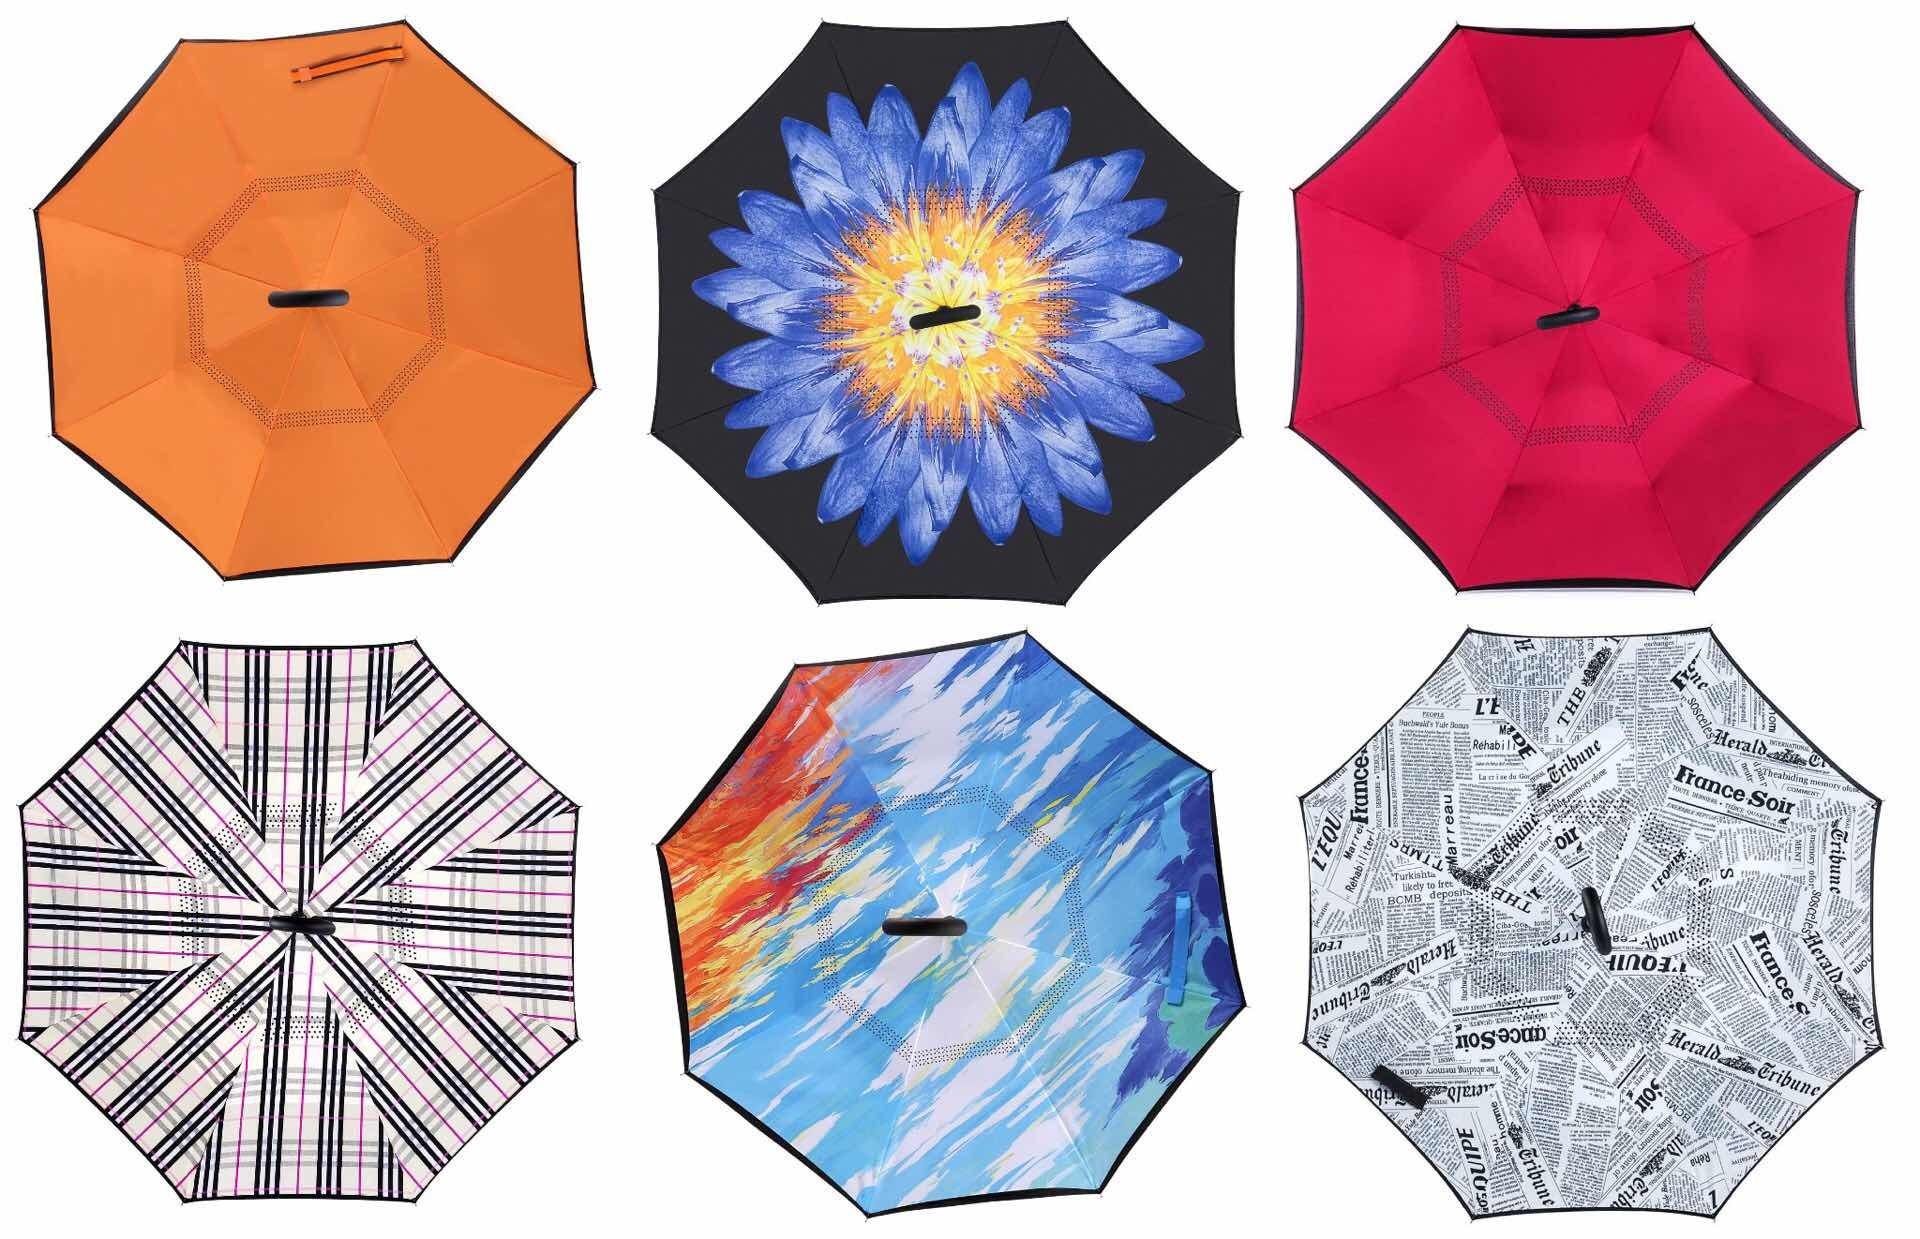 newsight-reversible-umbrella-colors